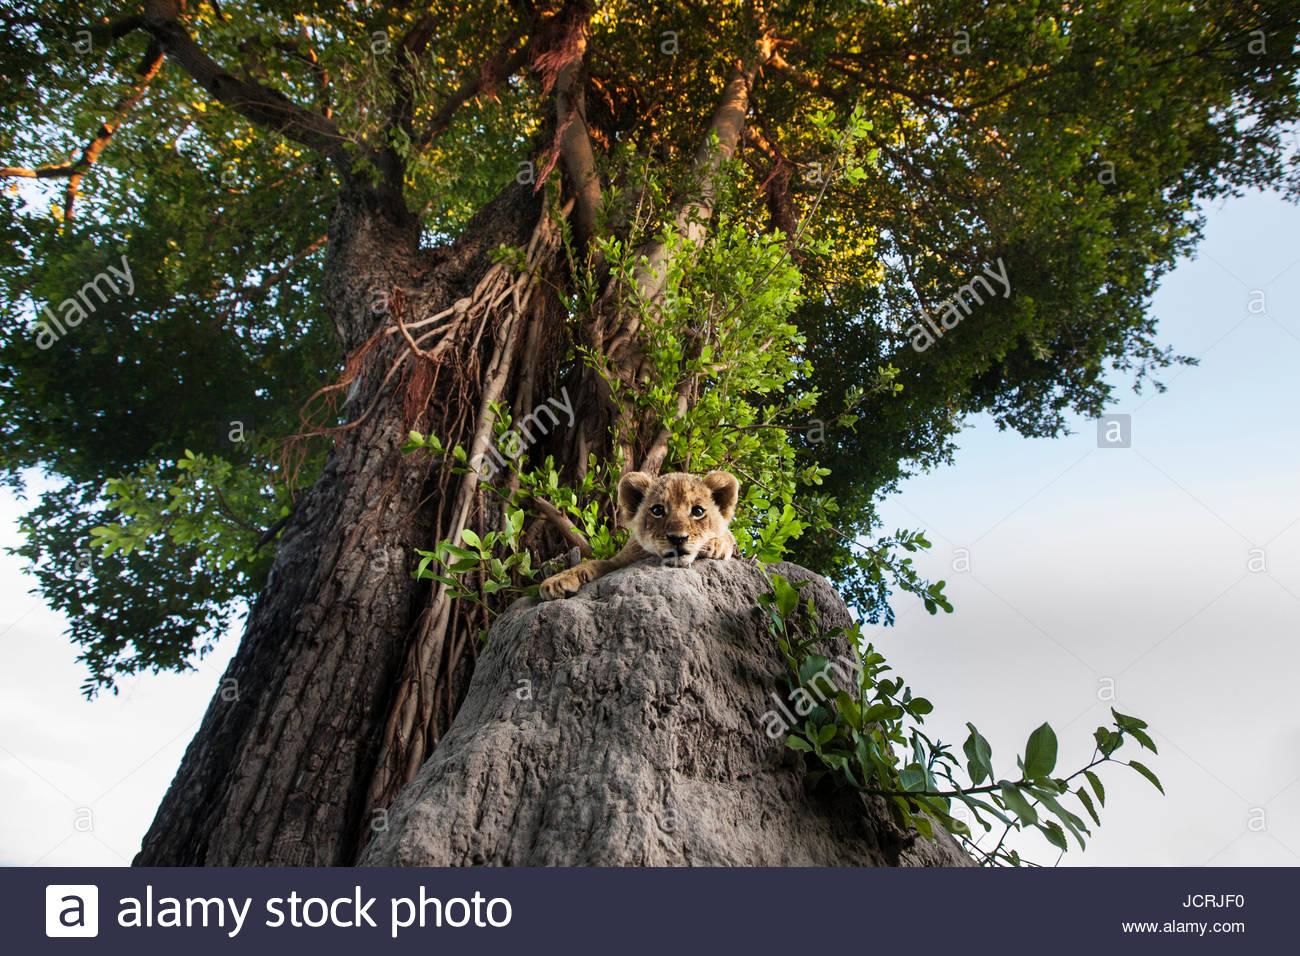 Ein Löwenjunges, Panthera Leo, entspannen Sie sich auf einem Ameisenhaufen unter einem großen Baum. Stockbild